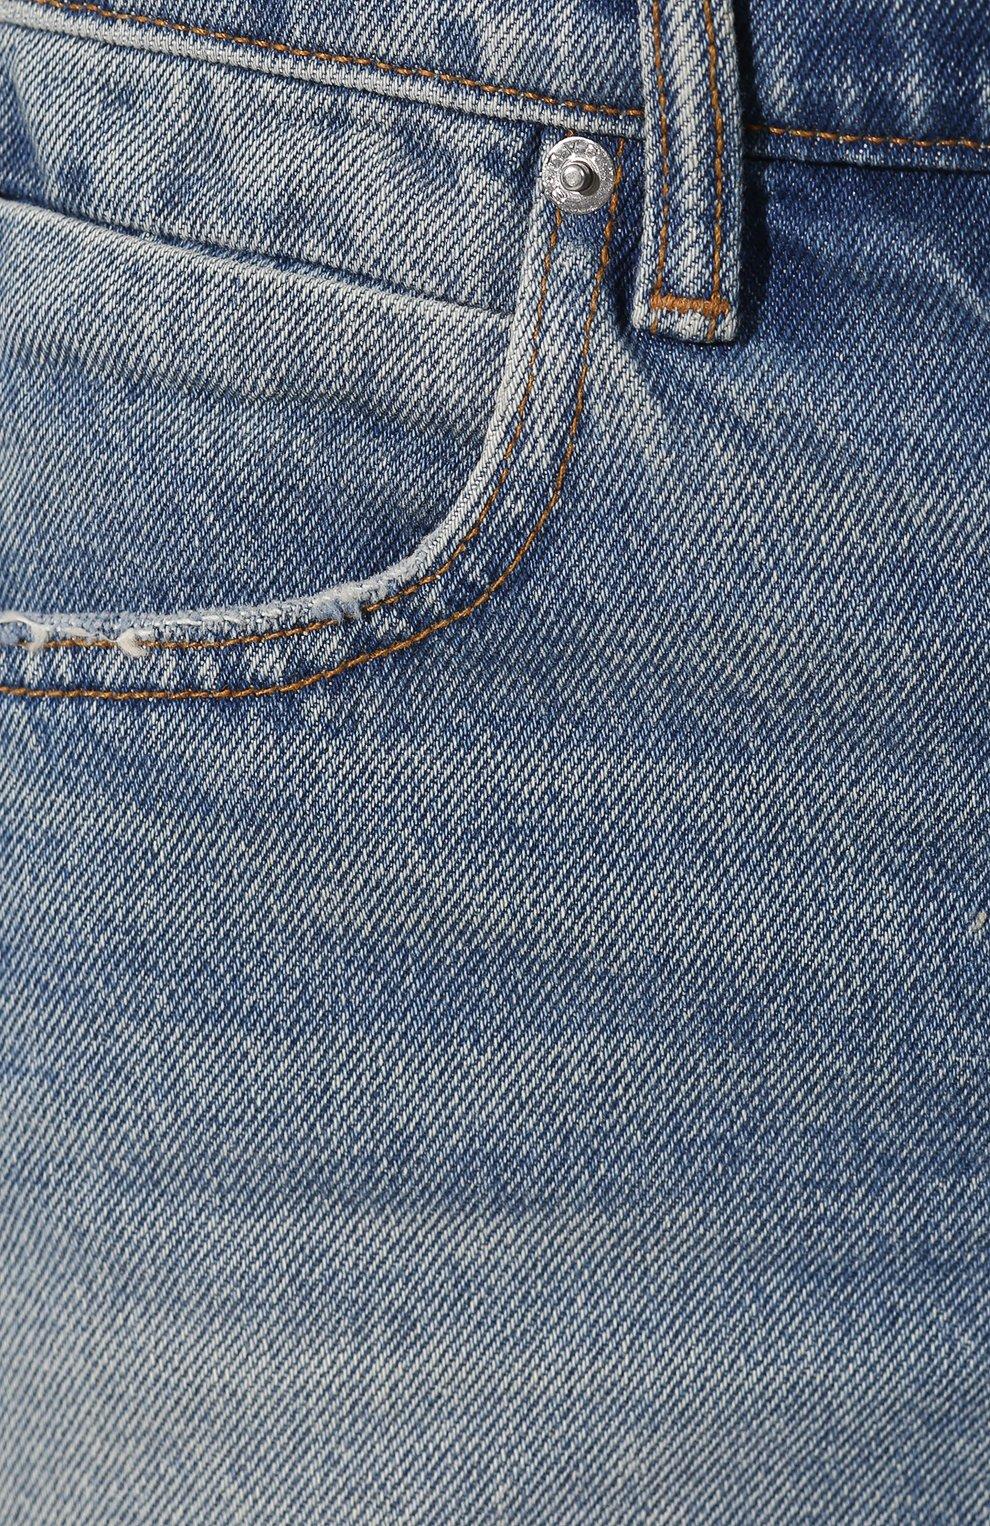 Женские шорты DENIM X ALEXANDER WANG синего цвета, арт. 4DC2194493 | Фото 5